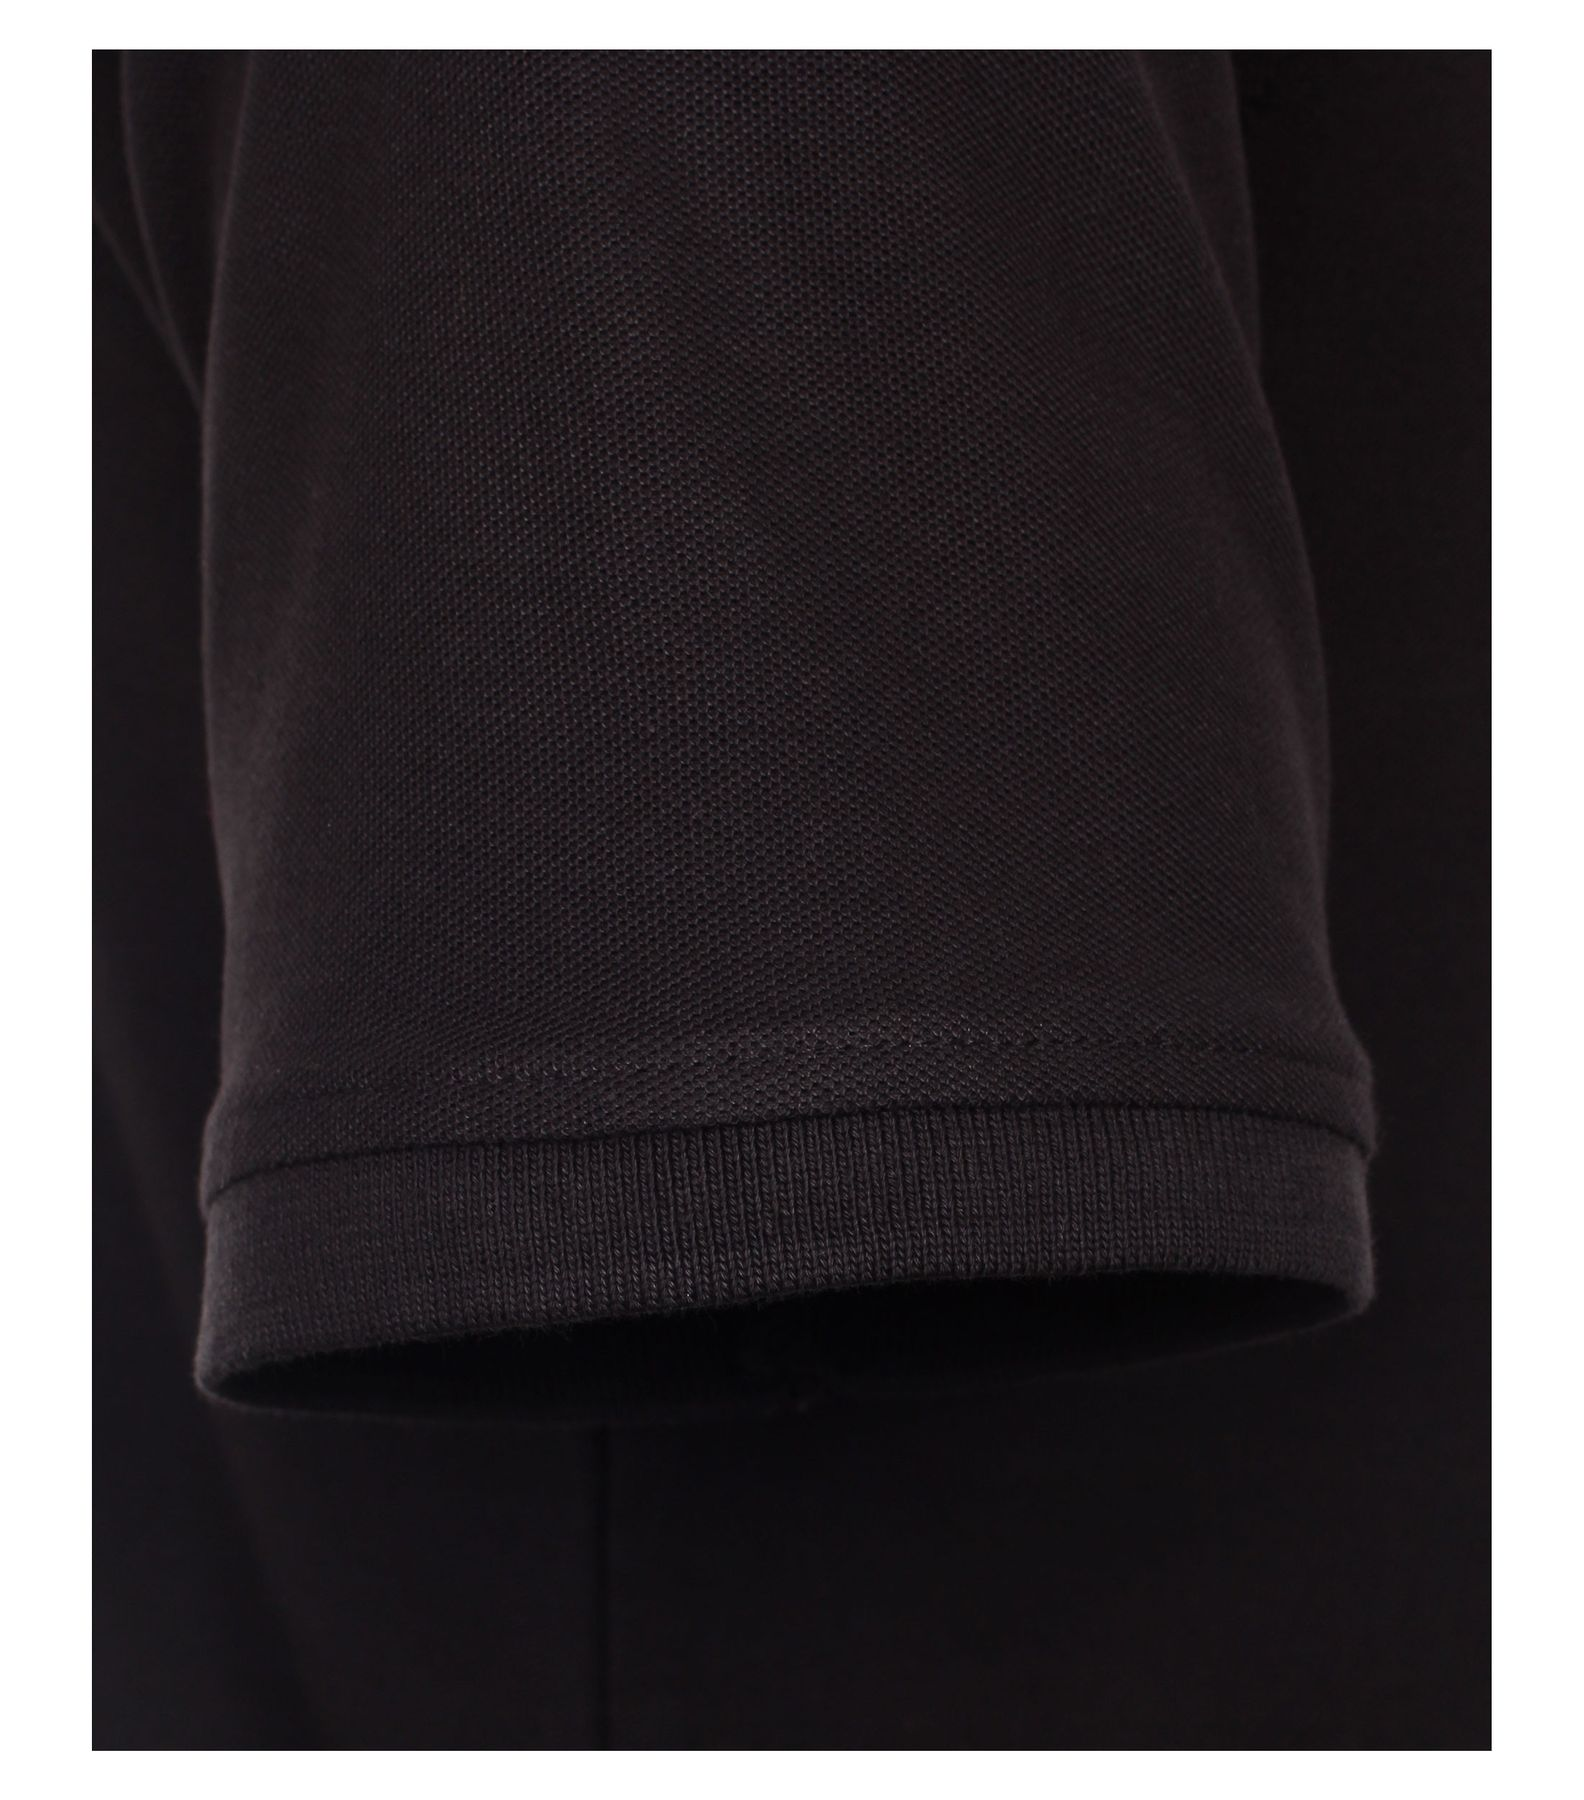 Casa Moda - Herren Polo Shirt mit Brusttasche in verschiedenen Farben S-6XL (004270) – Bild 4